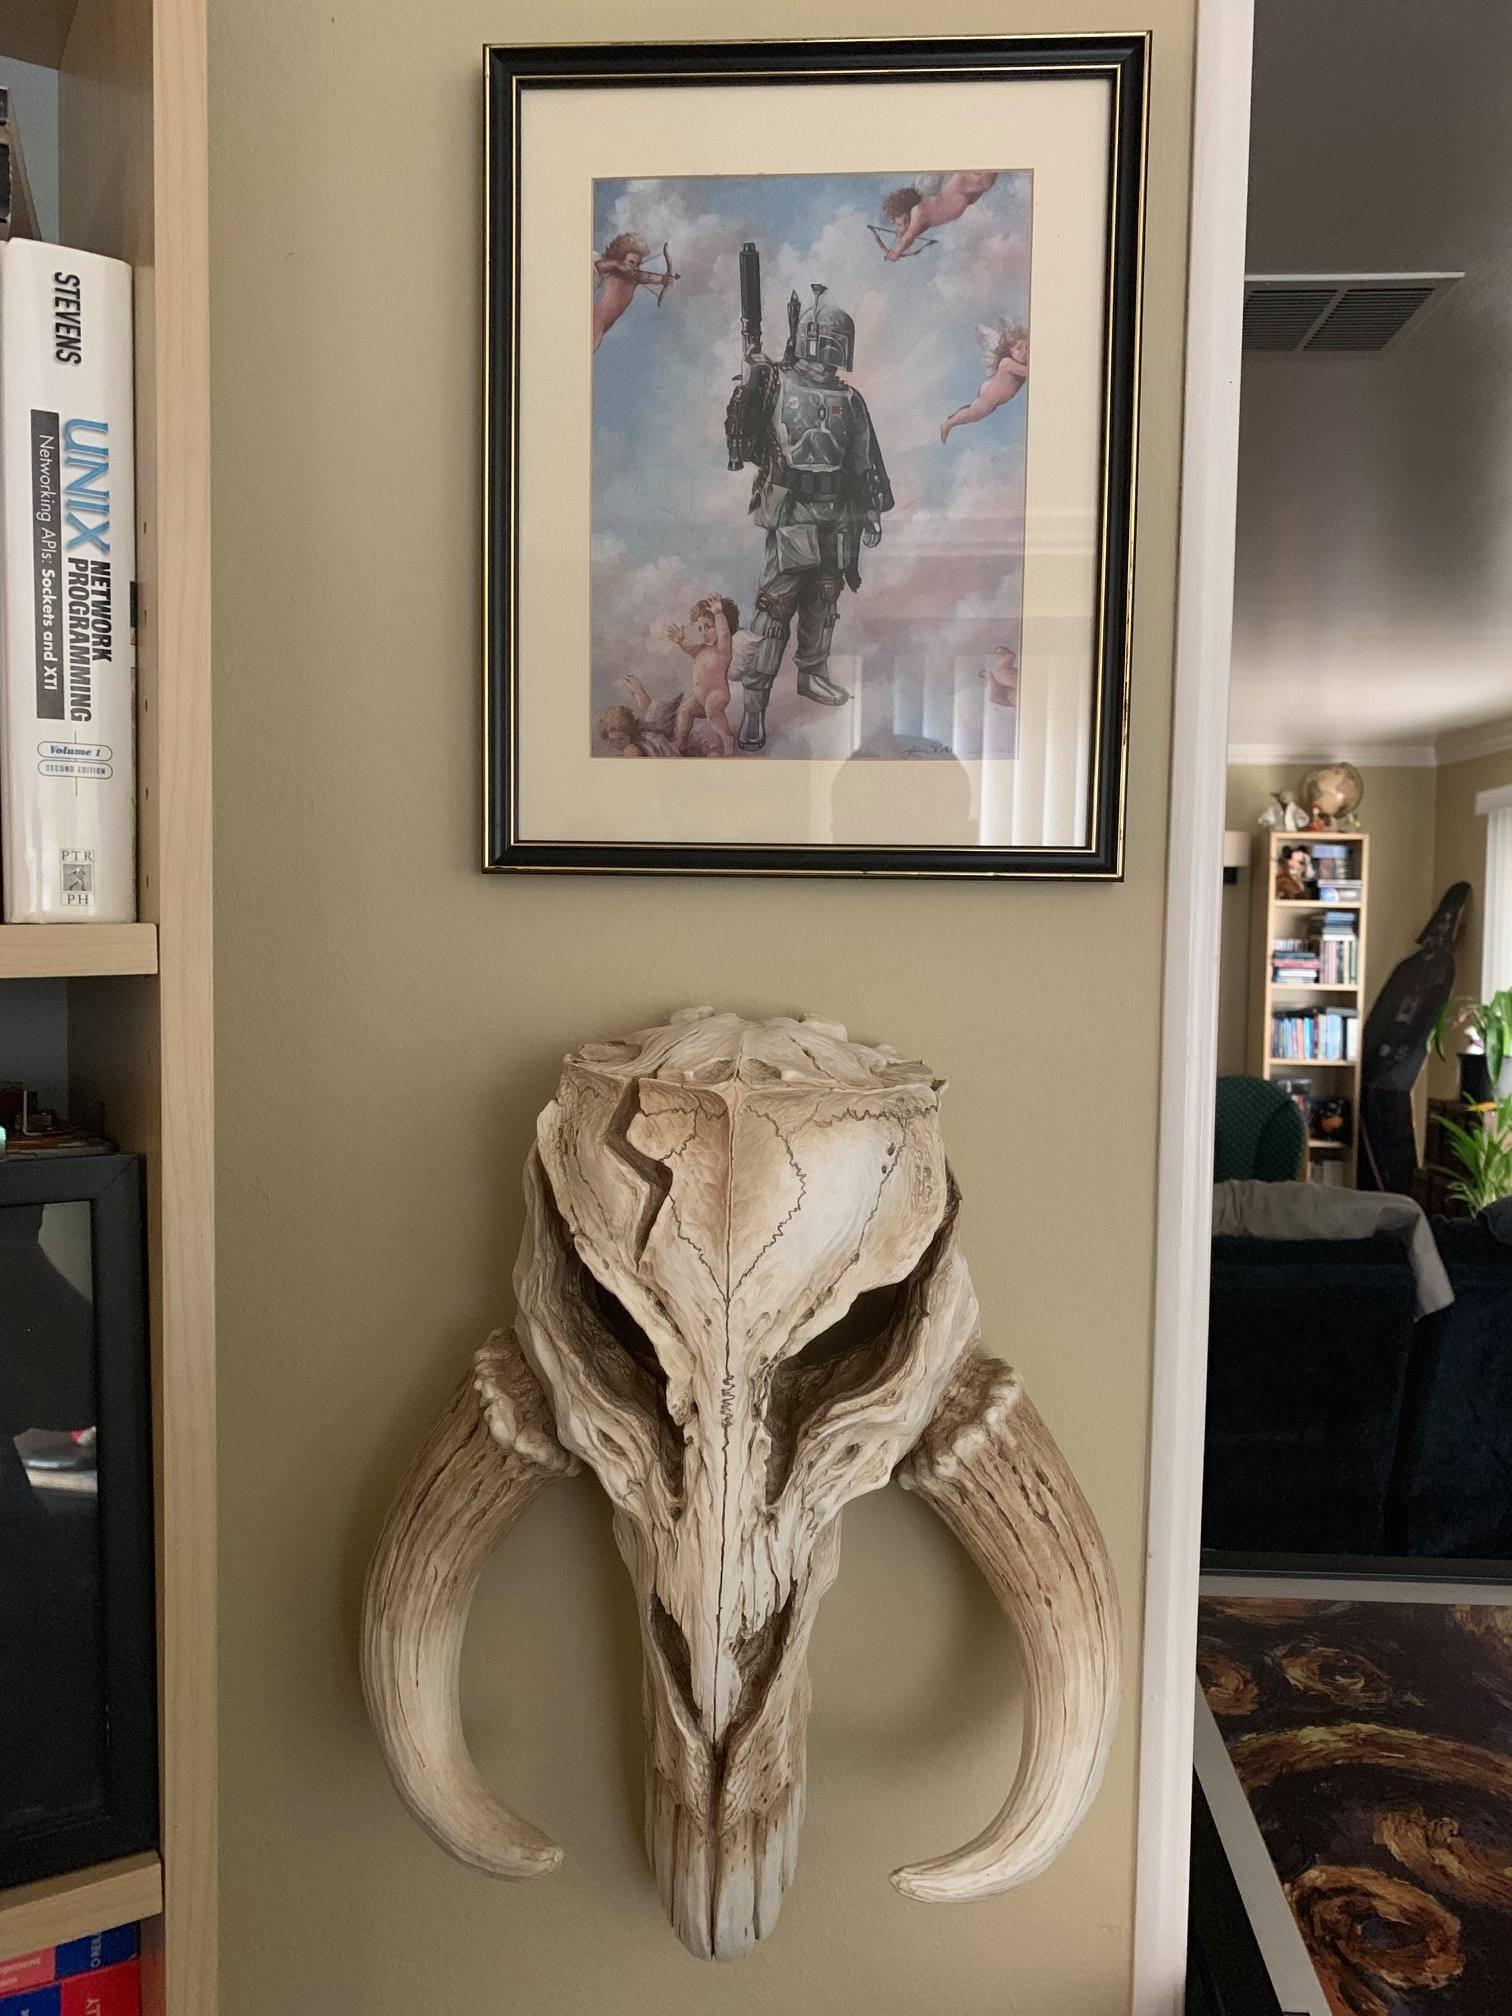 Mythosaur Legendary Bounty Hunter Empire Strikes Back Home Office Studio Decor